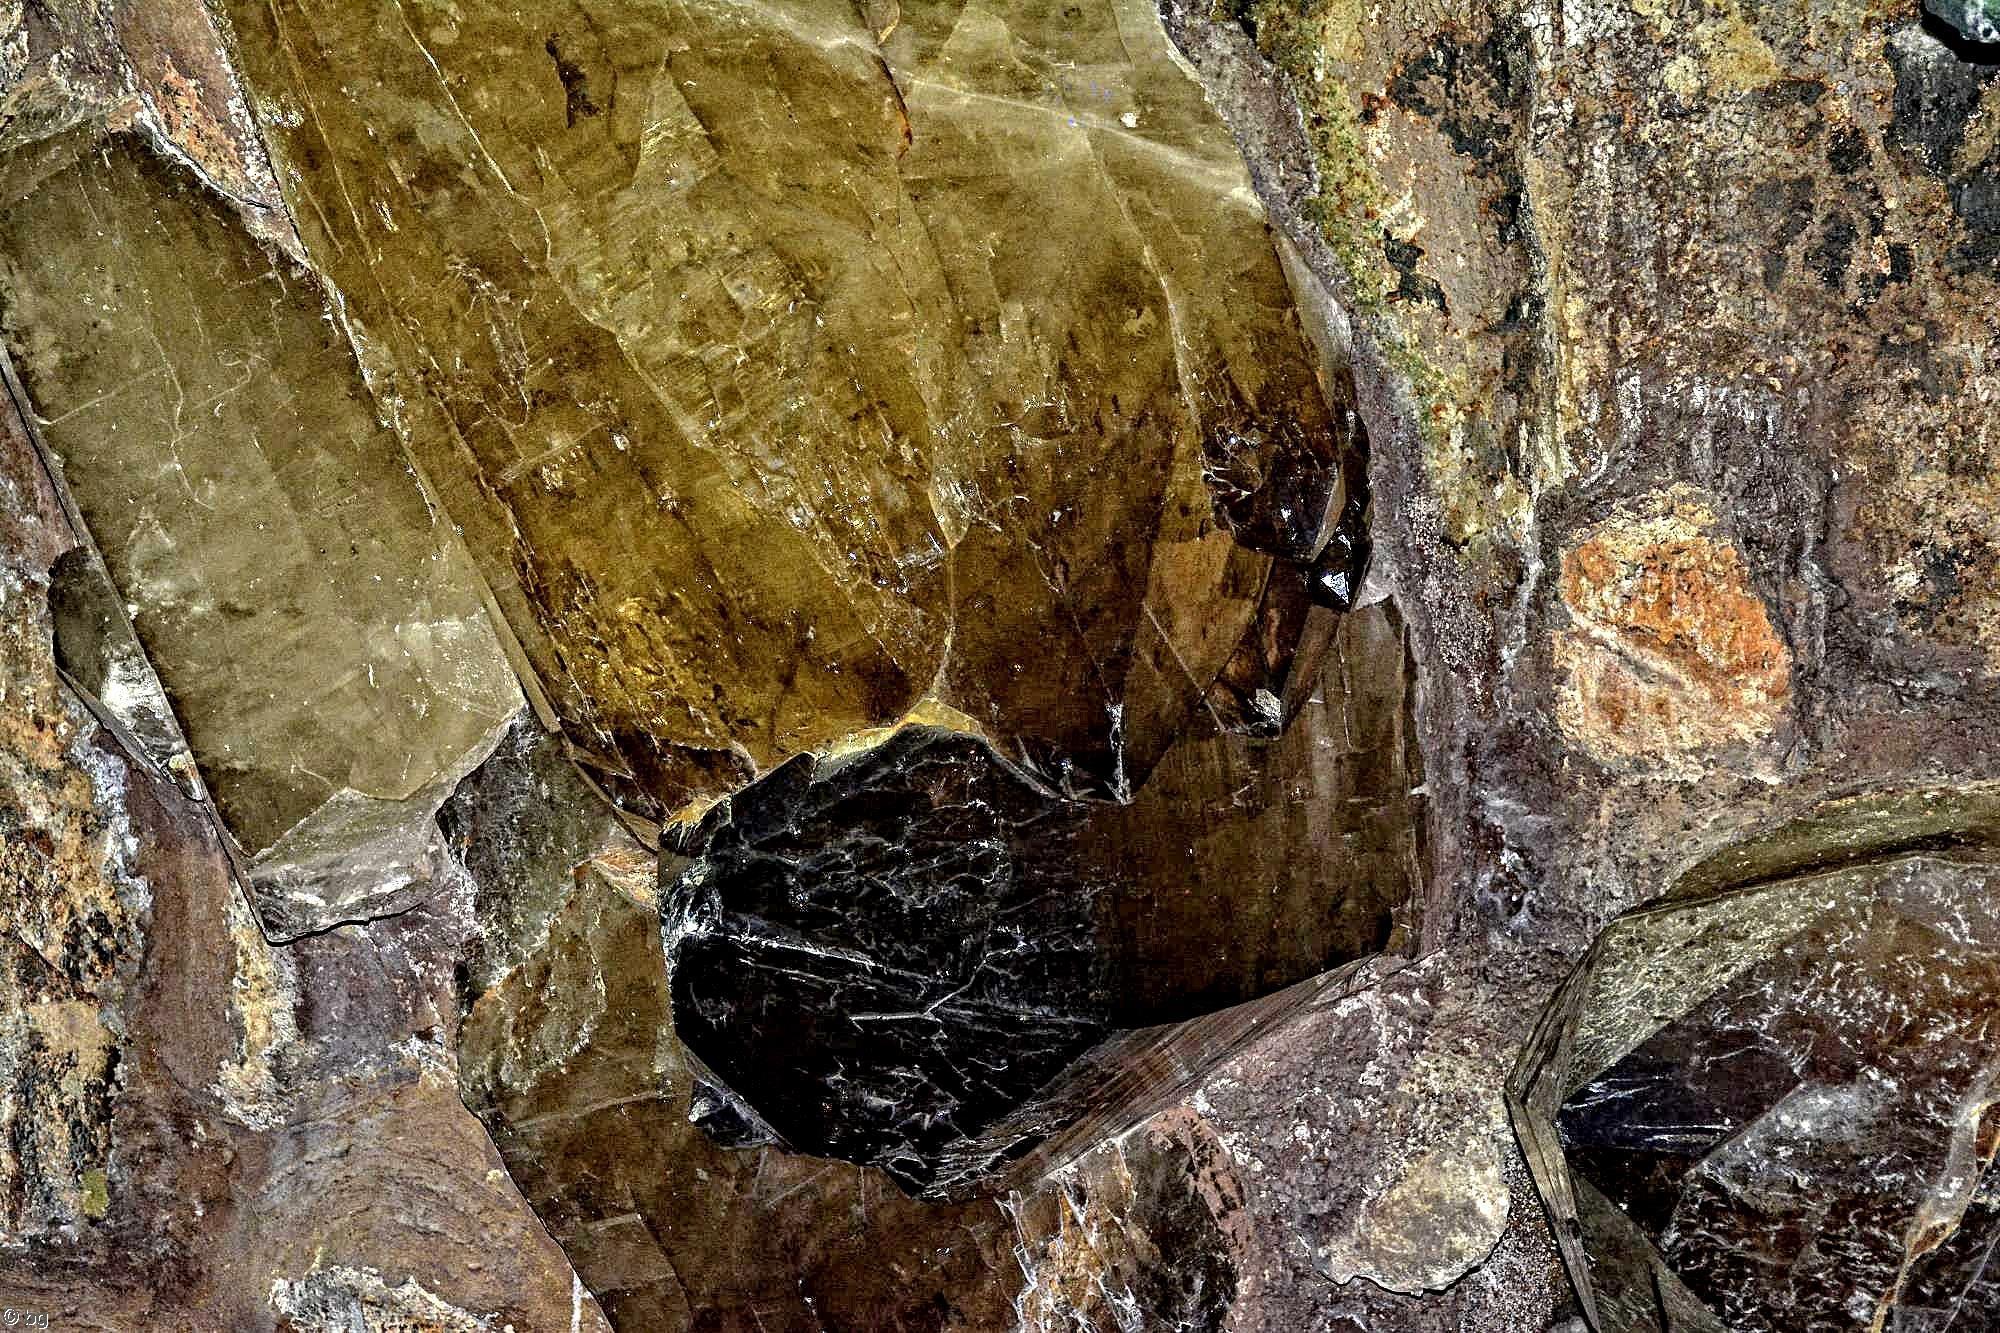 geode-mineraux-et-cristaux-en-HDR_1